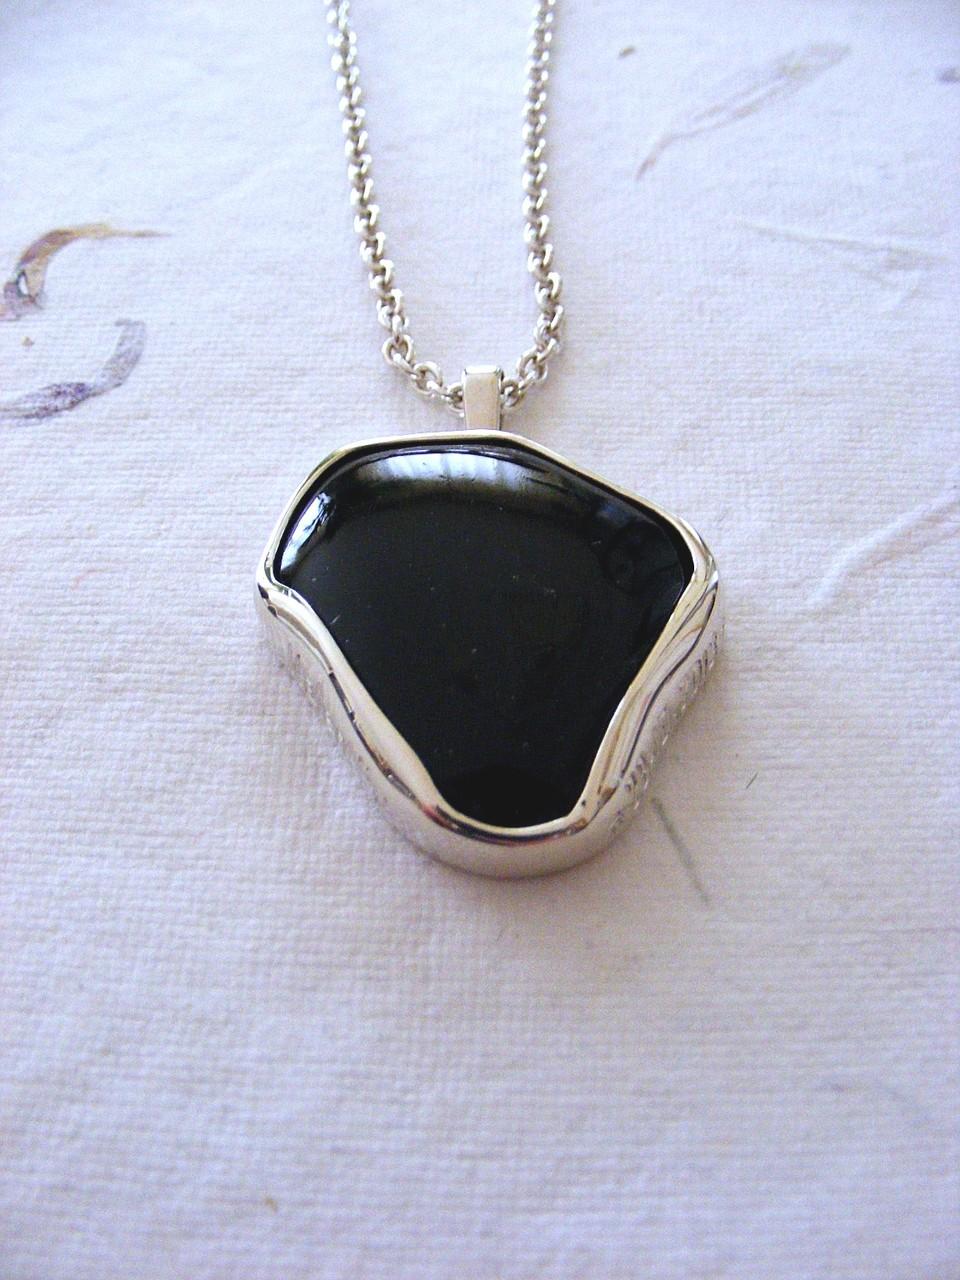 zilver, zwarte toermalijn en handgravure